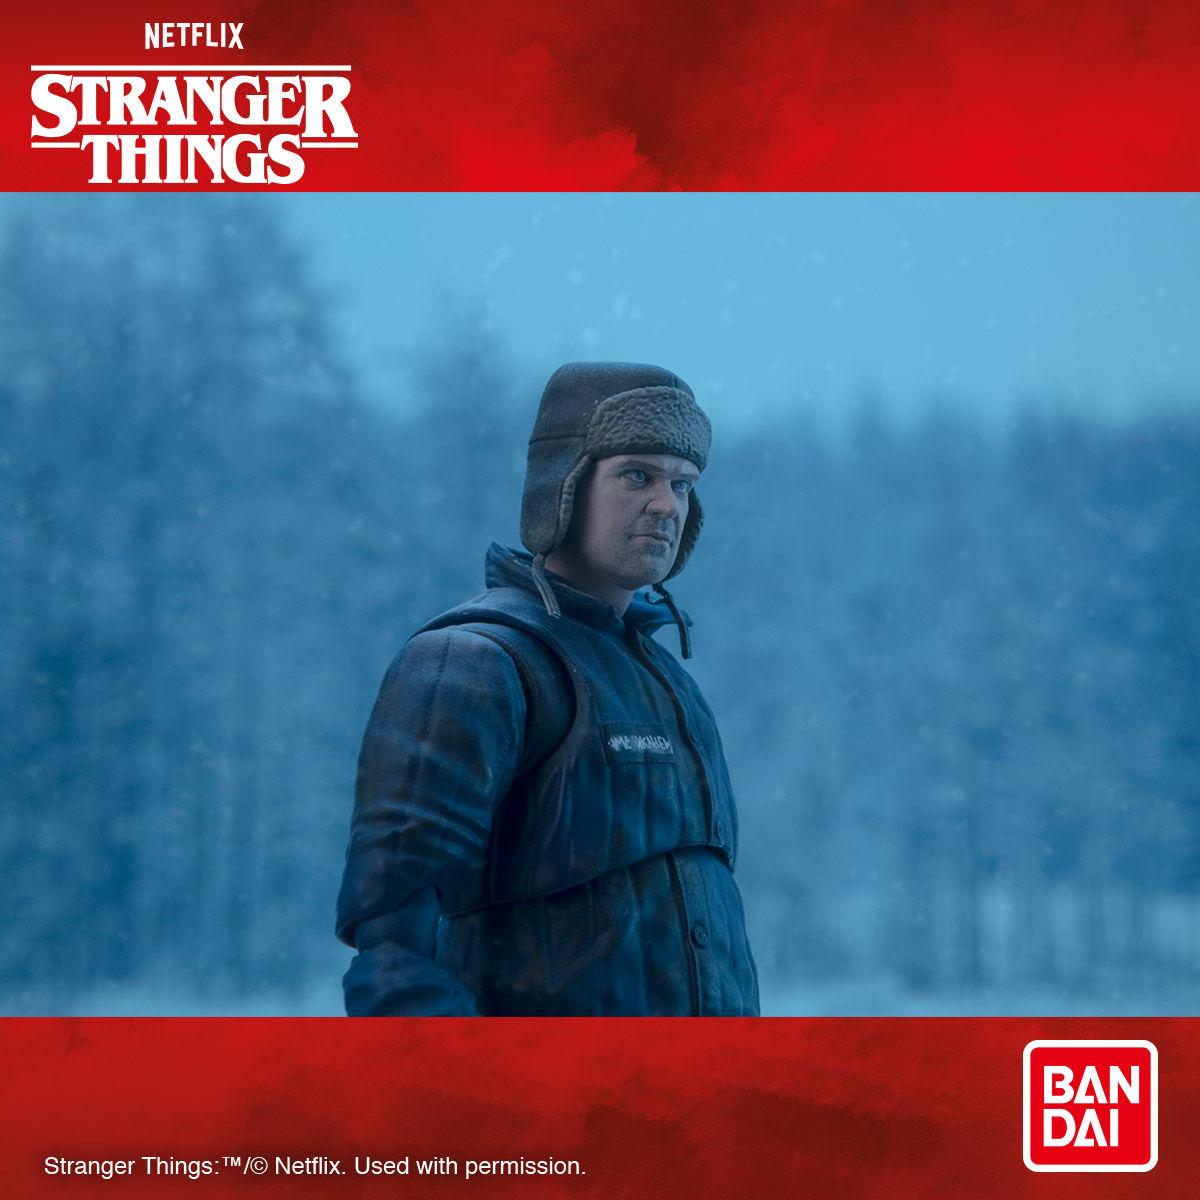 Stranger Things Jim Hooper